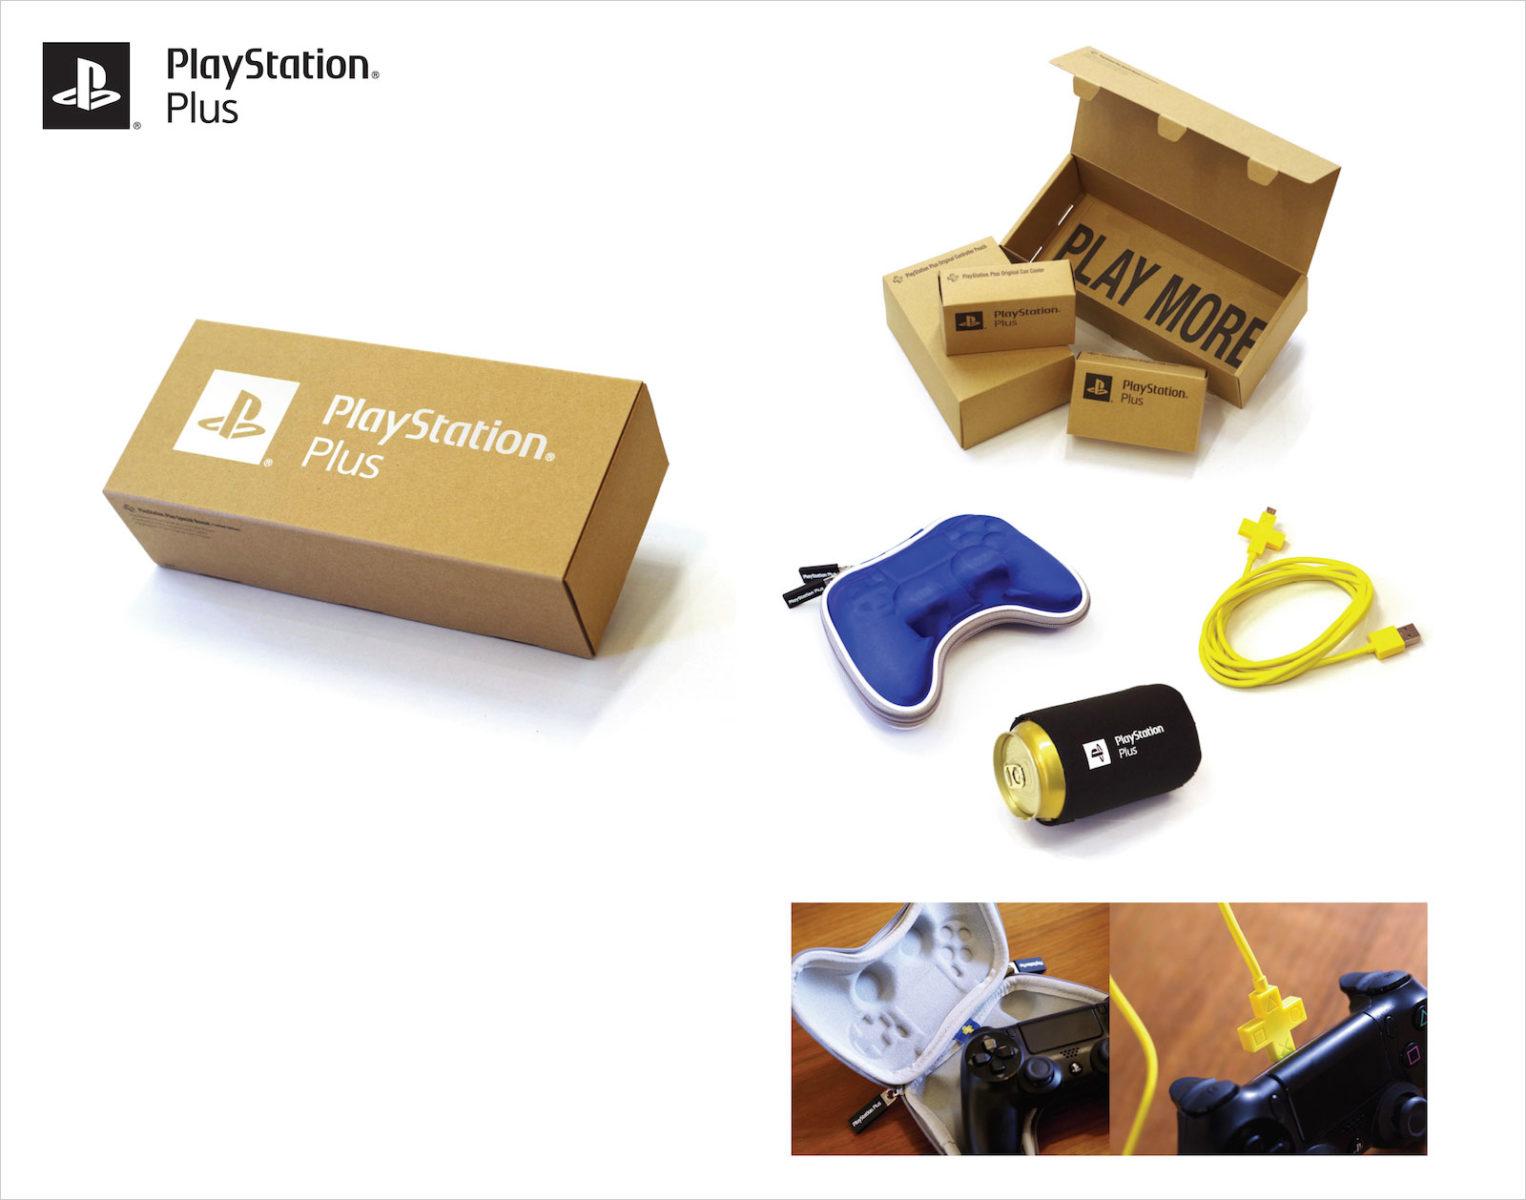 PlayStation Plus / ノベルティーグッズ・パッケージデザイン